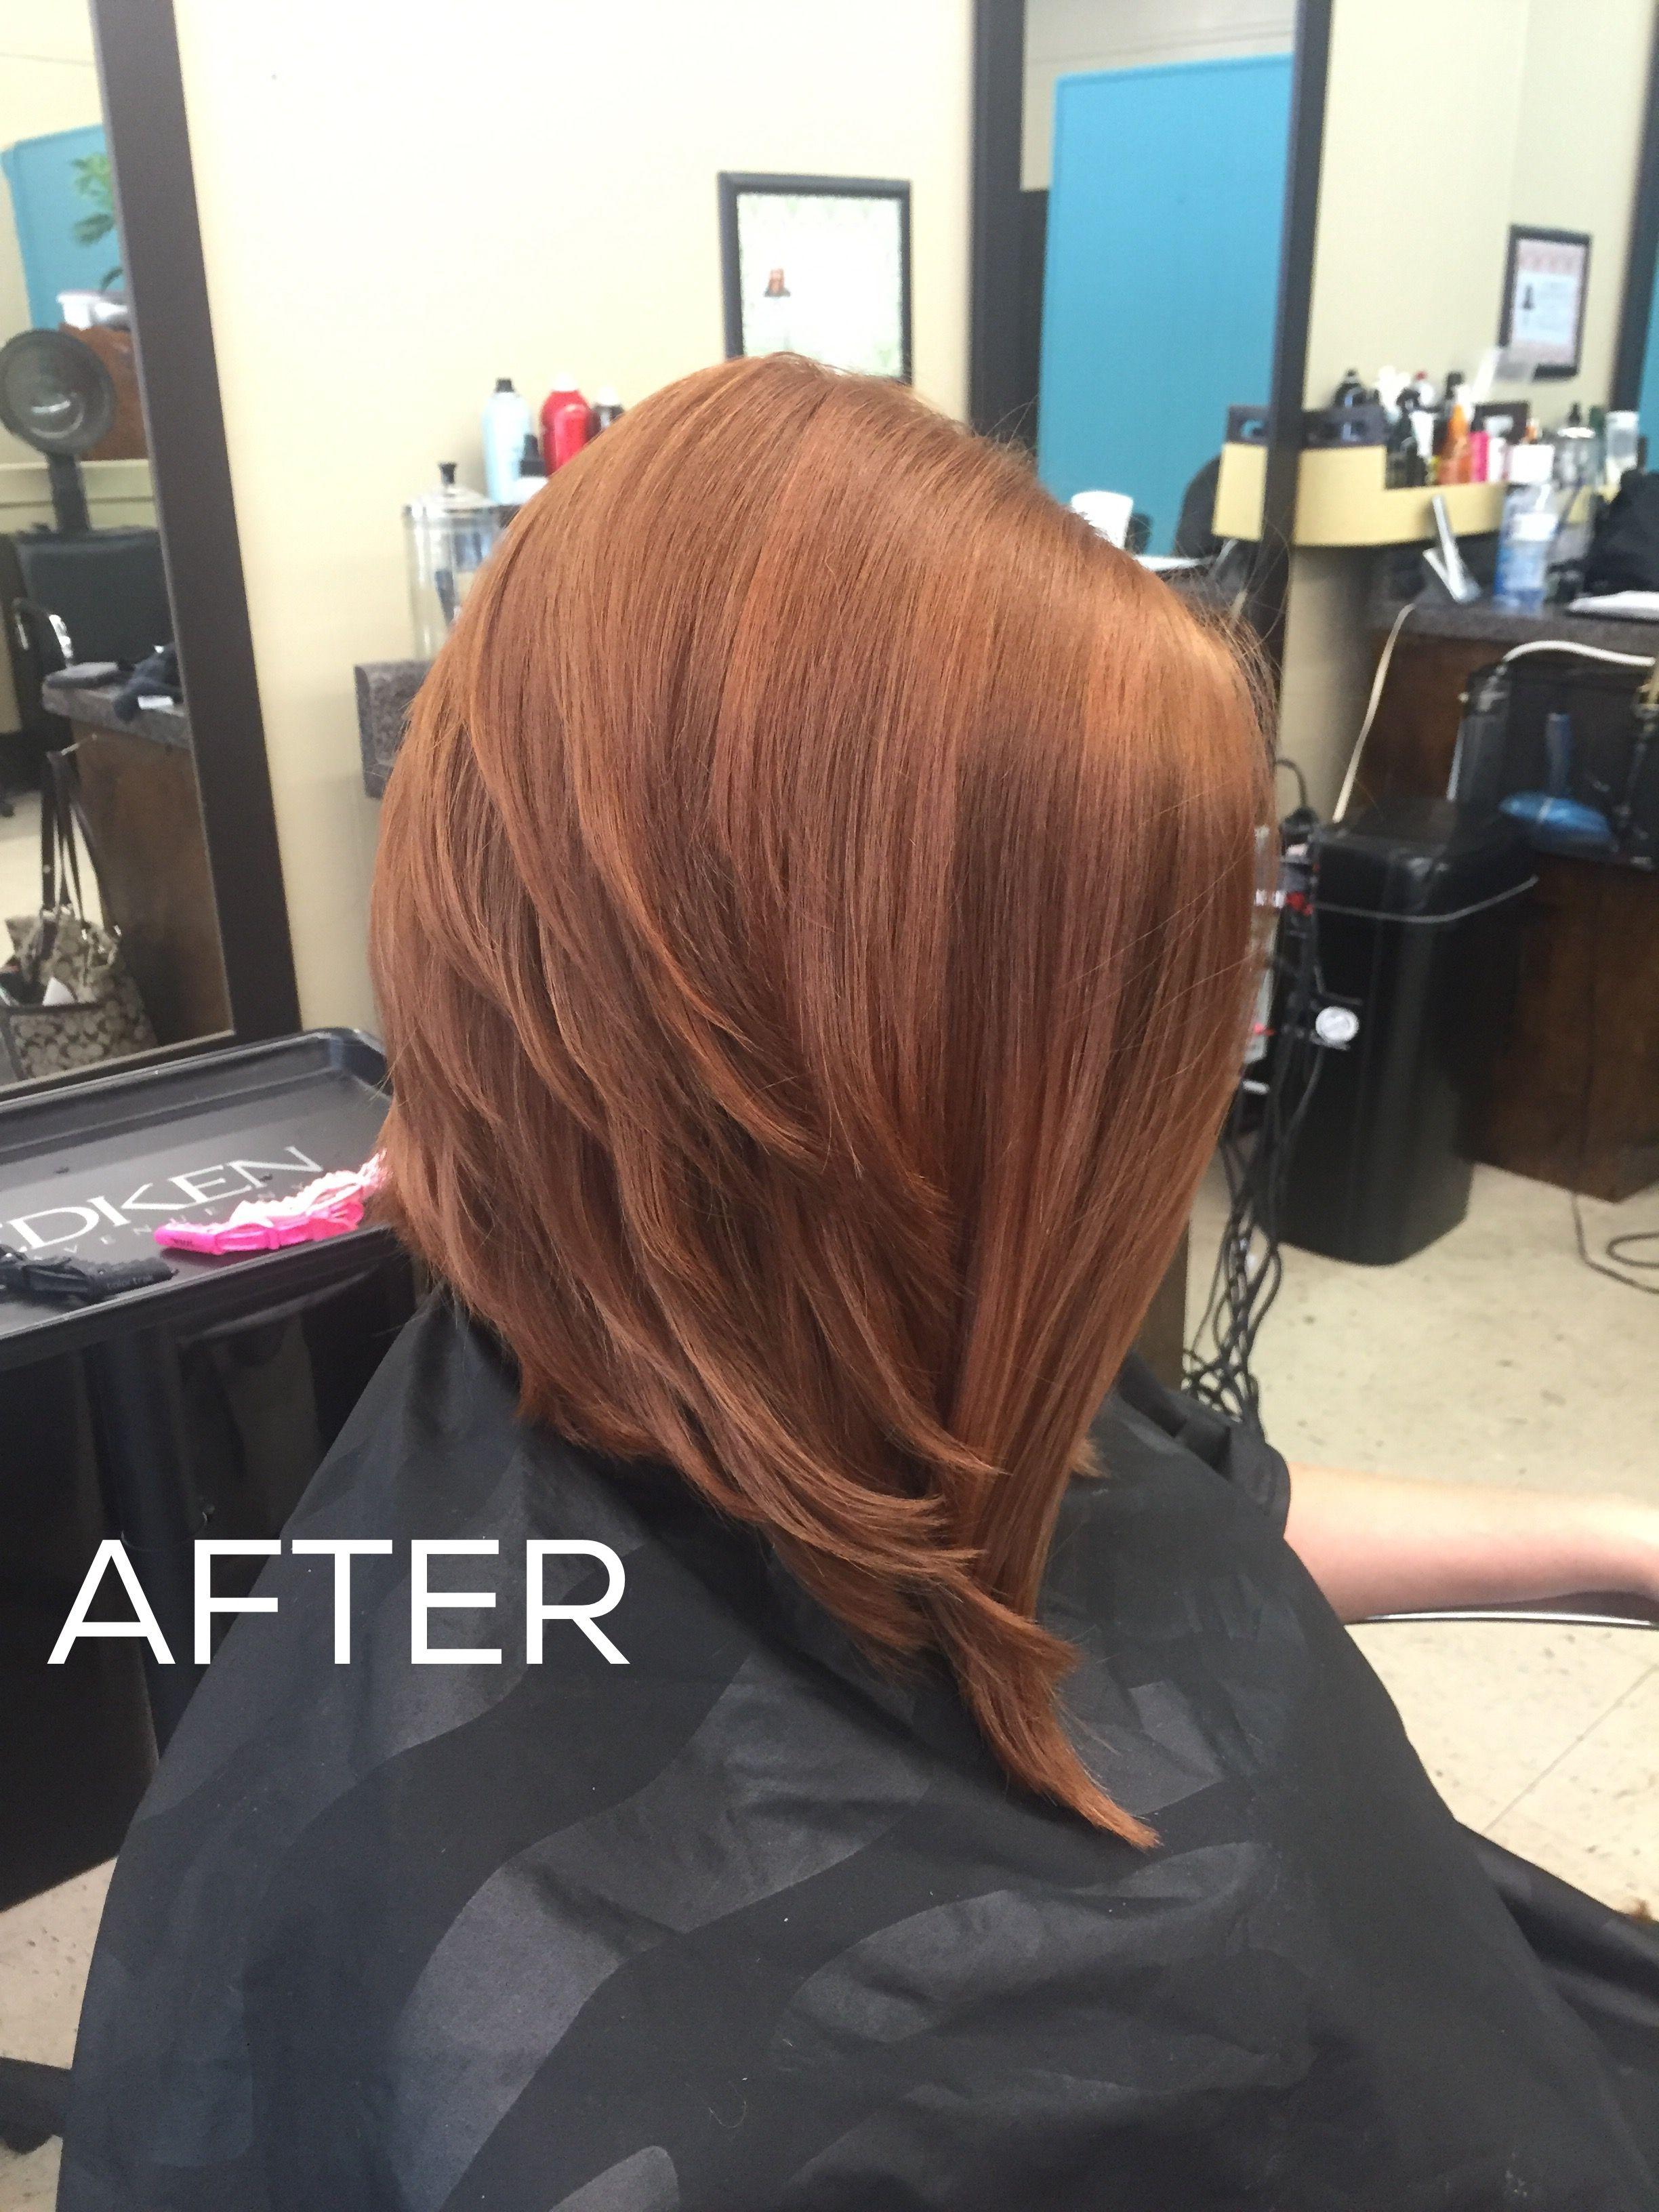 Long Graduated Bob Color 7cg 7m Matrix Matrix Hair Color Graduated Bob Hairstyles Hair Color Formulas